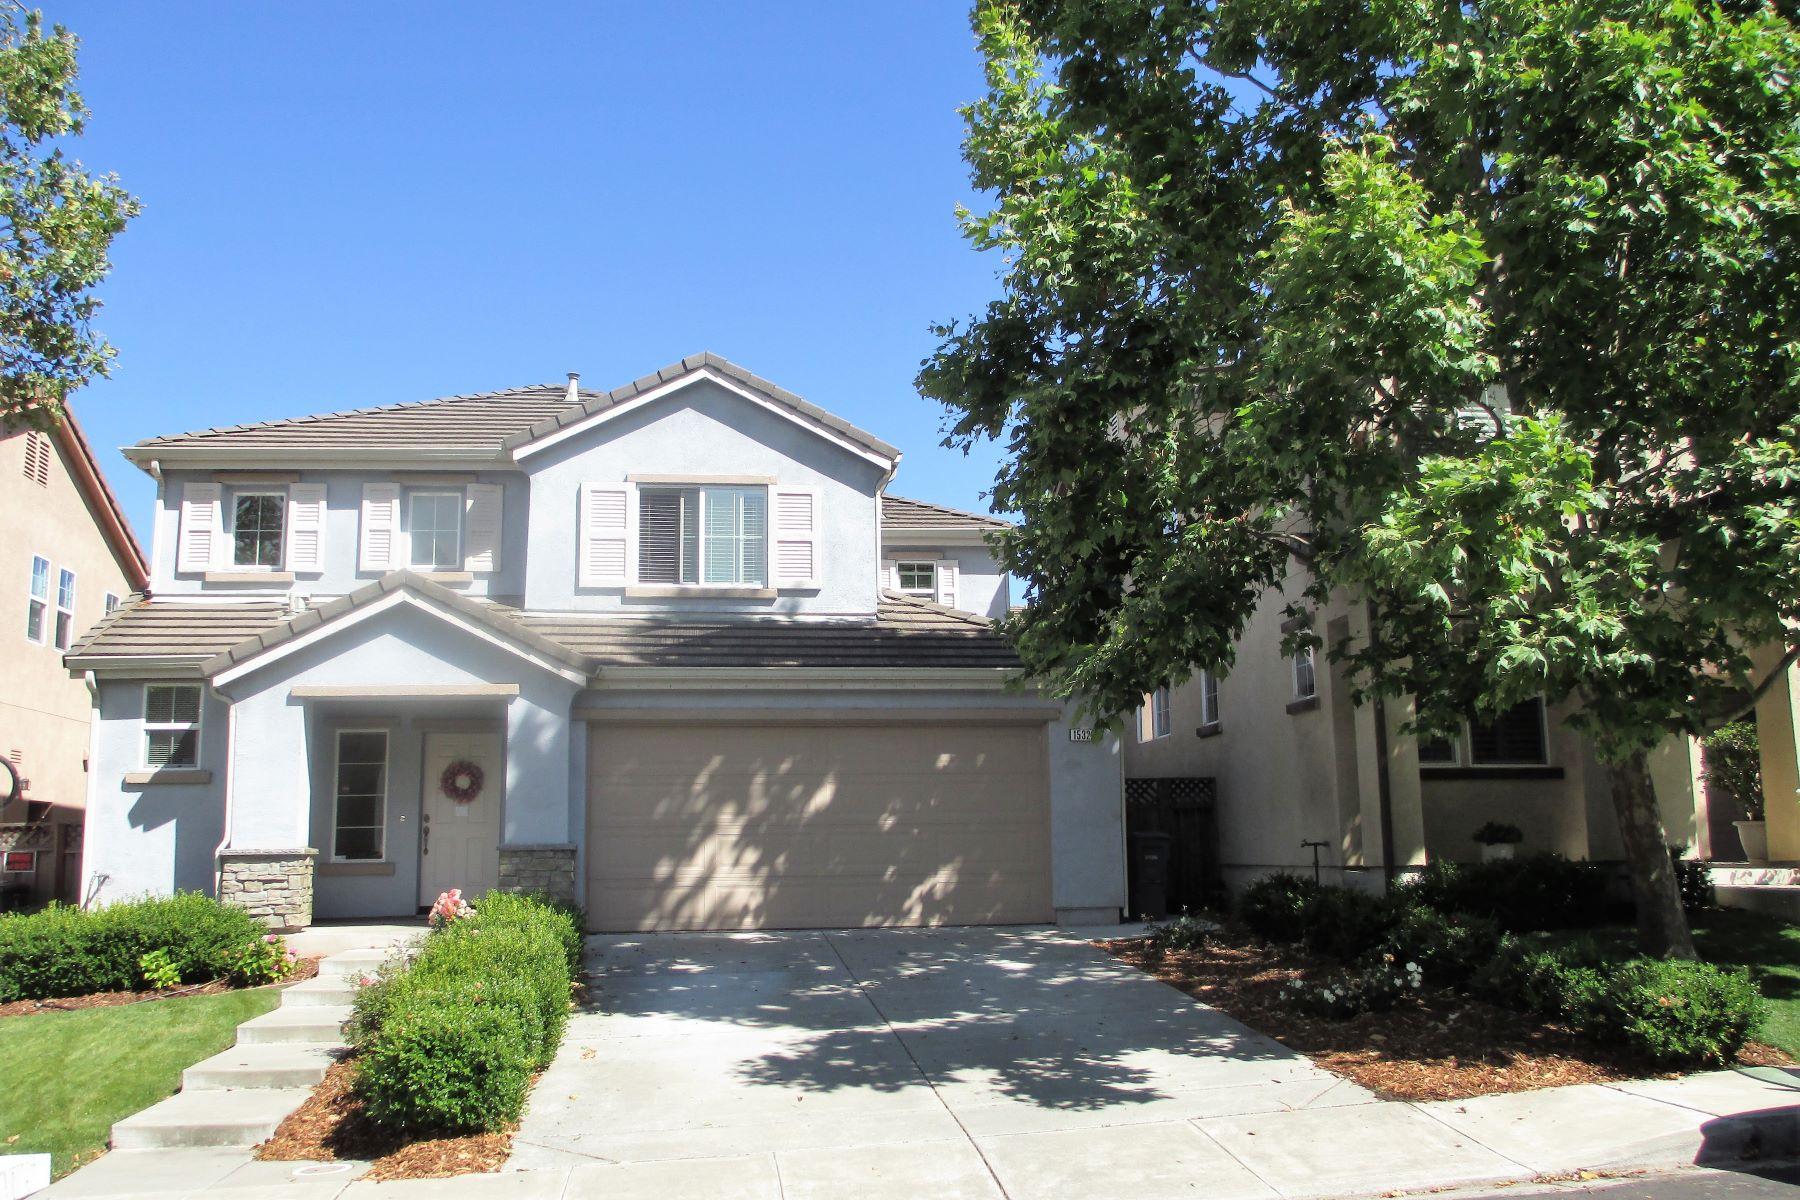 Tek Ailelik Ev için Satış at An Open Floorplan Close to the Marina 1532 McDougal Street Vallejo, Kaliforniya, 94590 Amerika Birleşik Devletleri